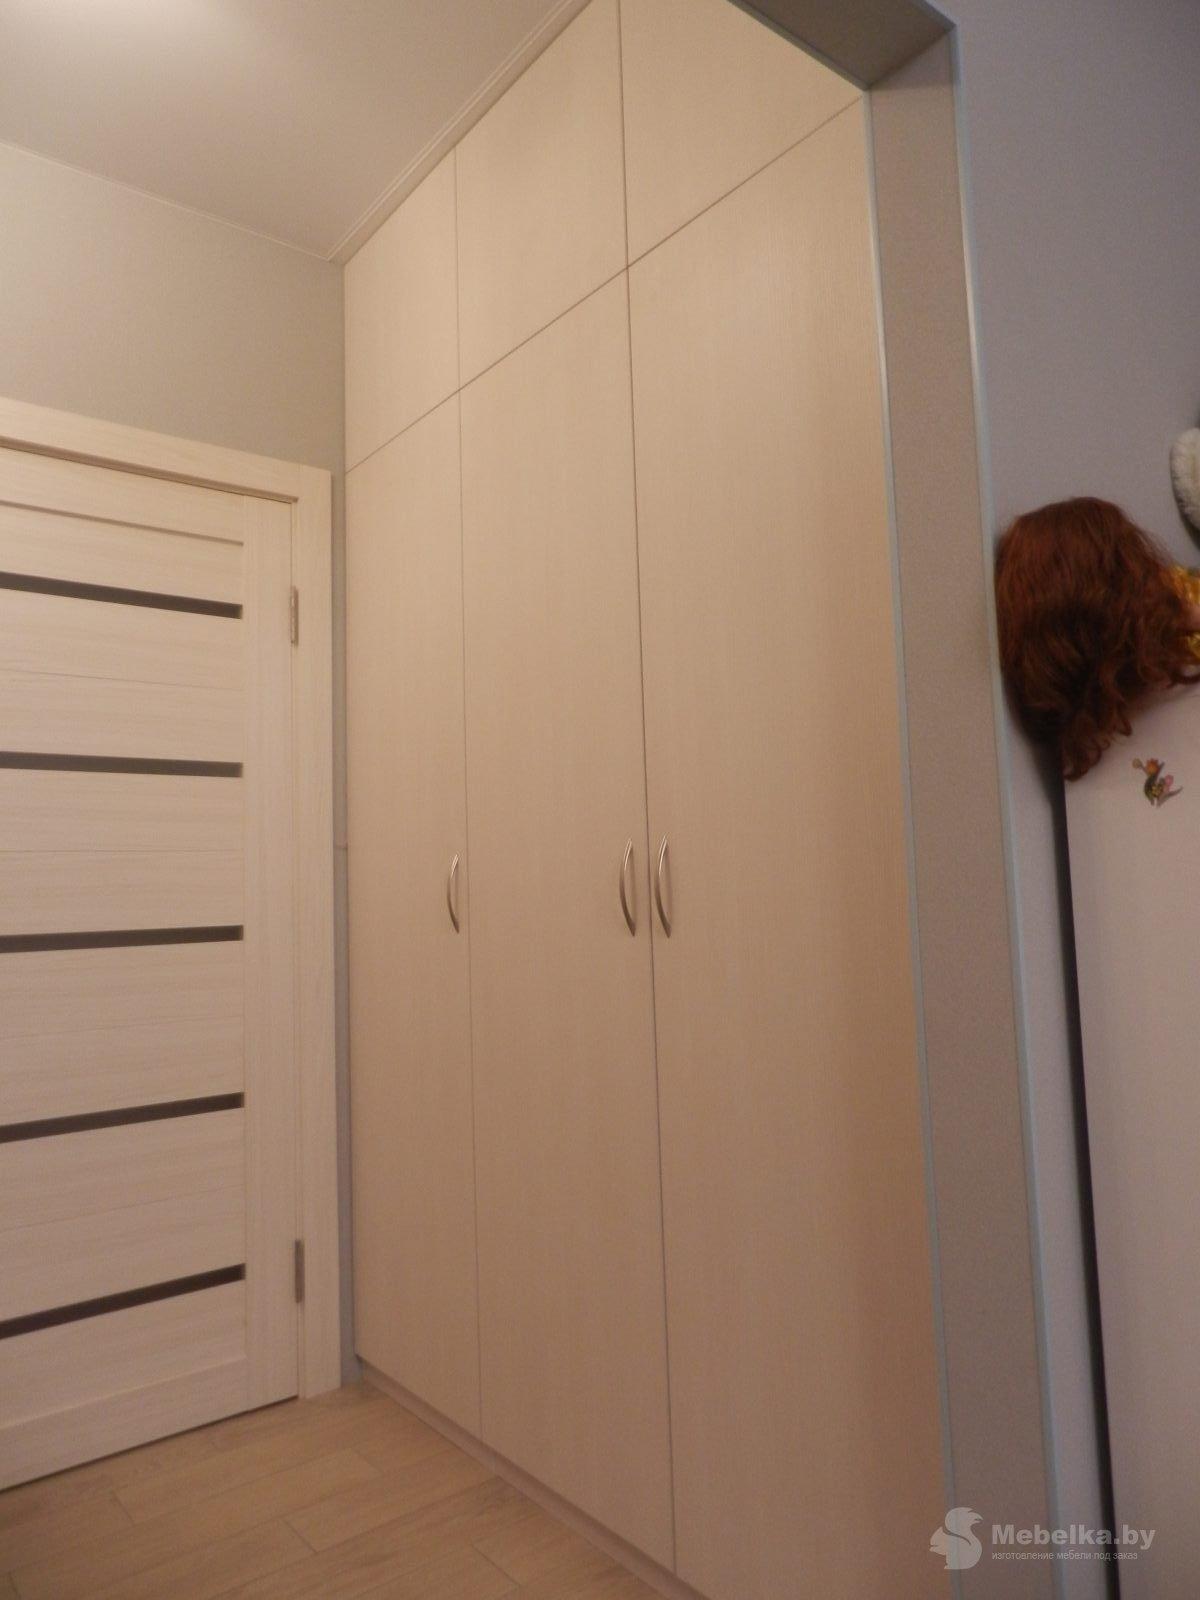 Трехстворчатый шкаф в прихожую вид 2